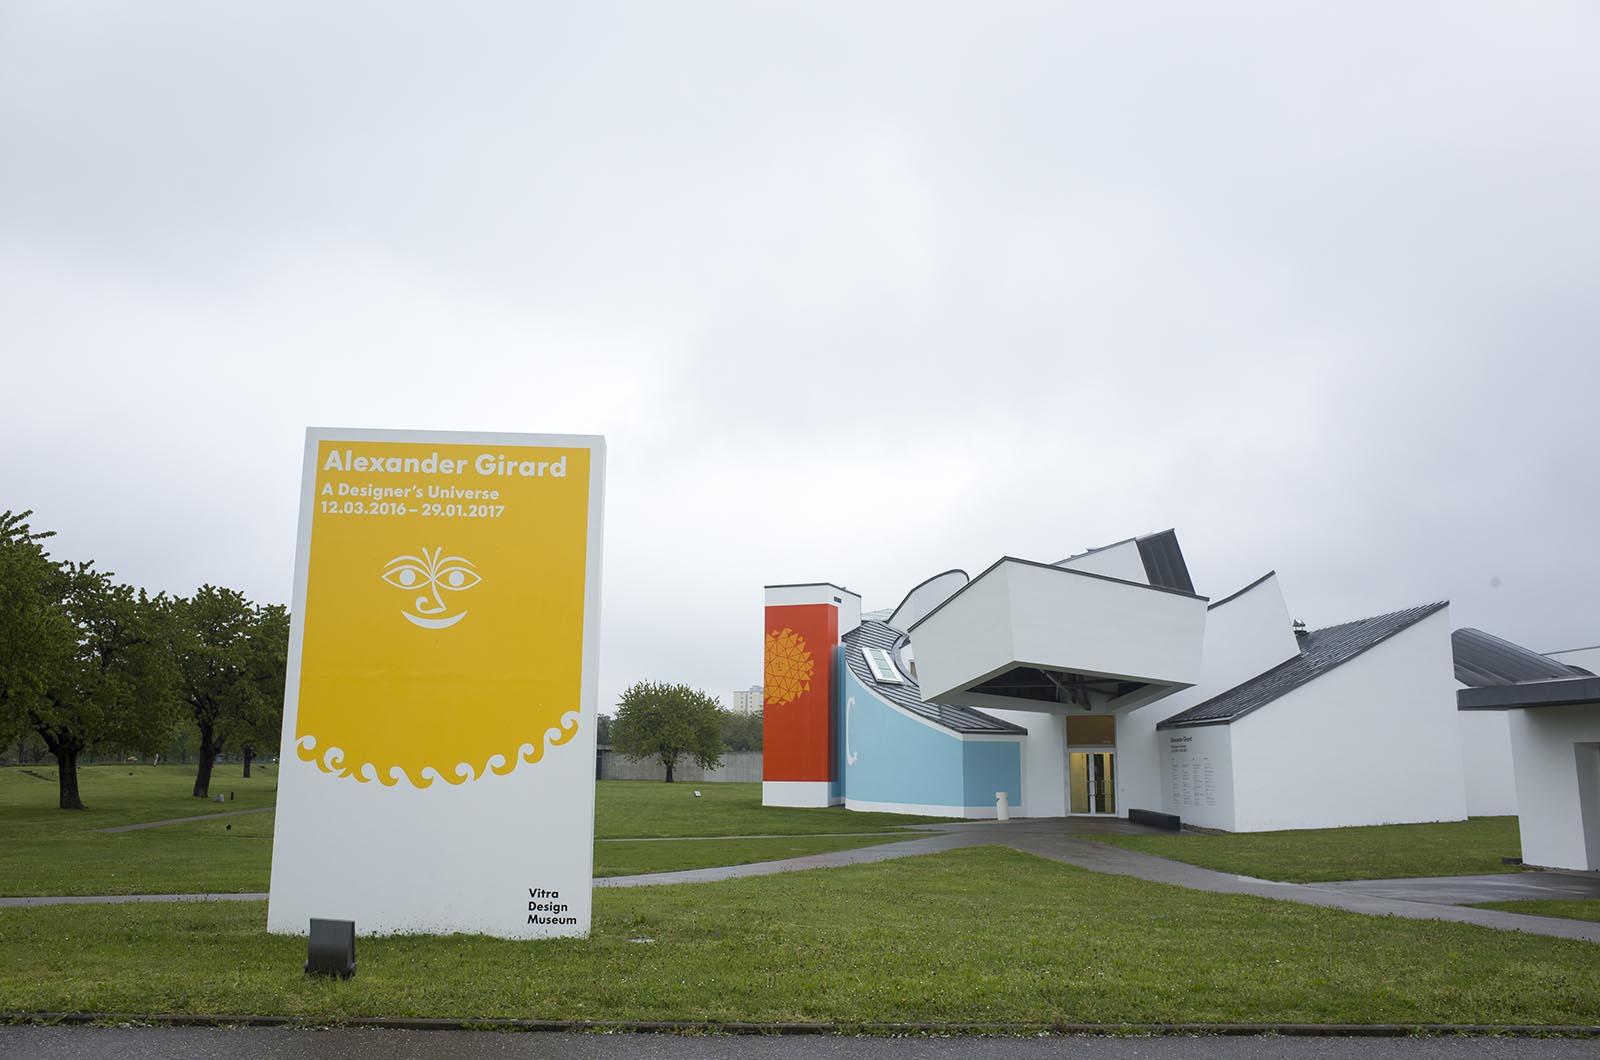 ヨーロッパ鉄道建築の旅'16:4日目 ついに憧れのデザインミュージアムVitra Campus!